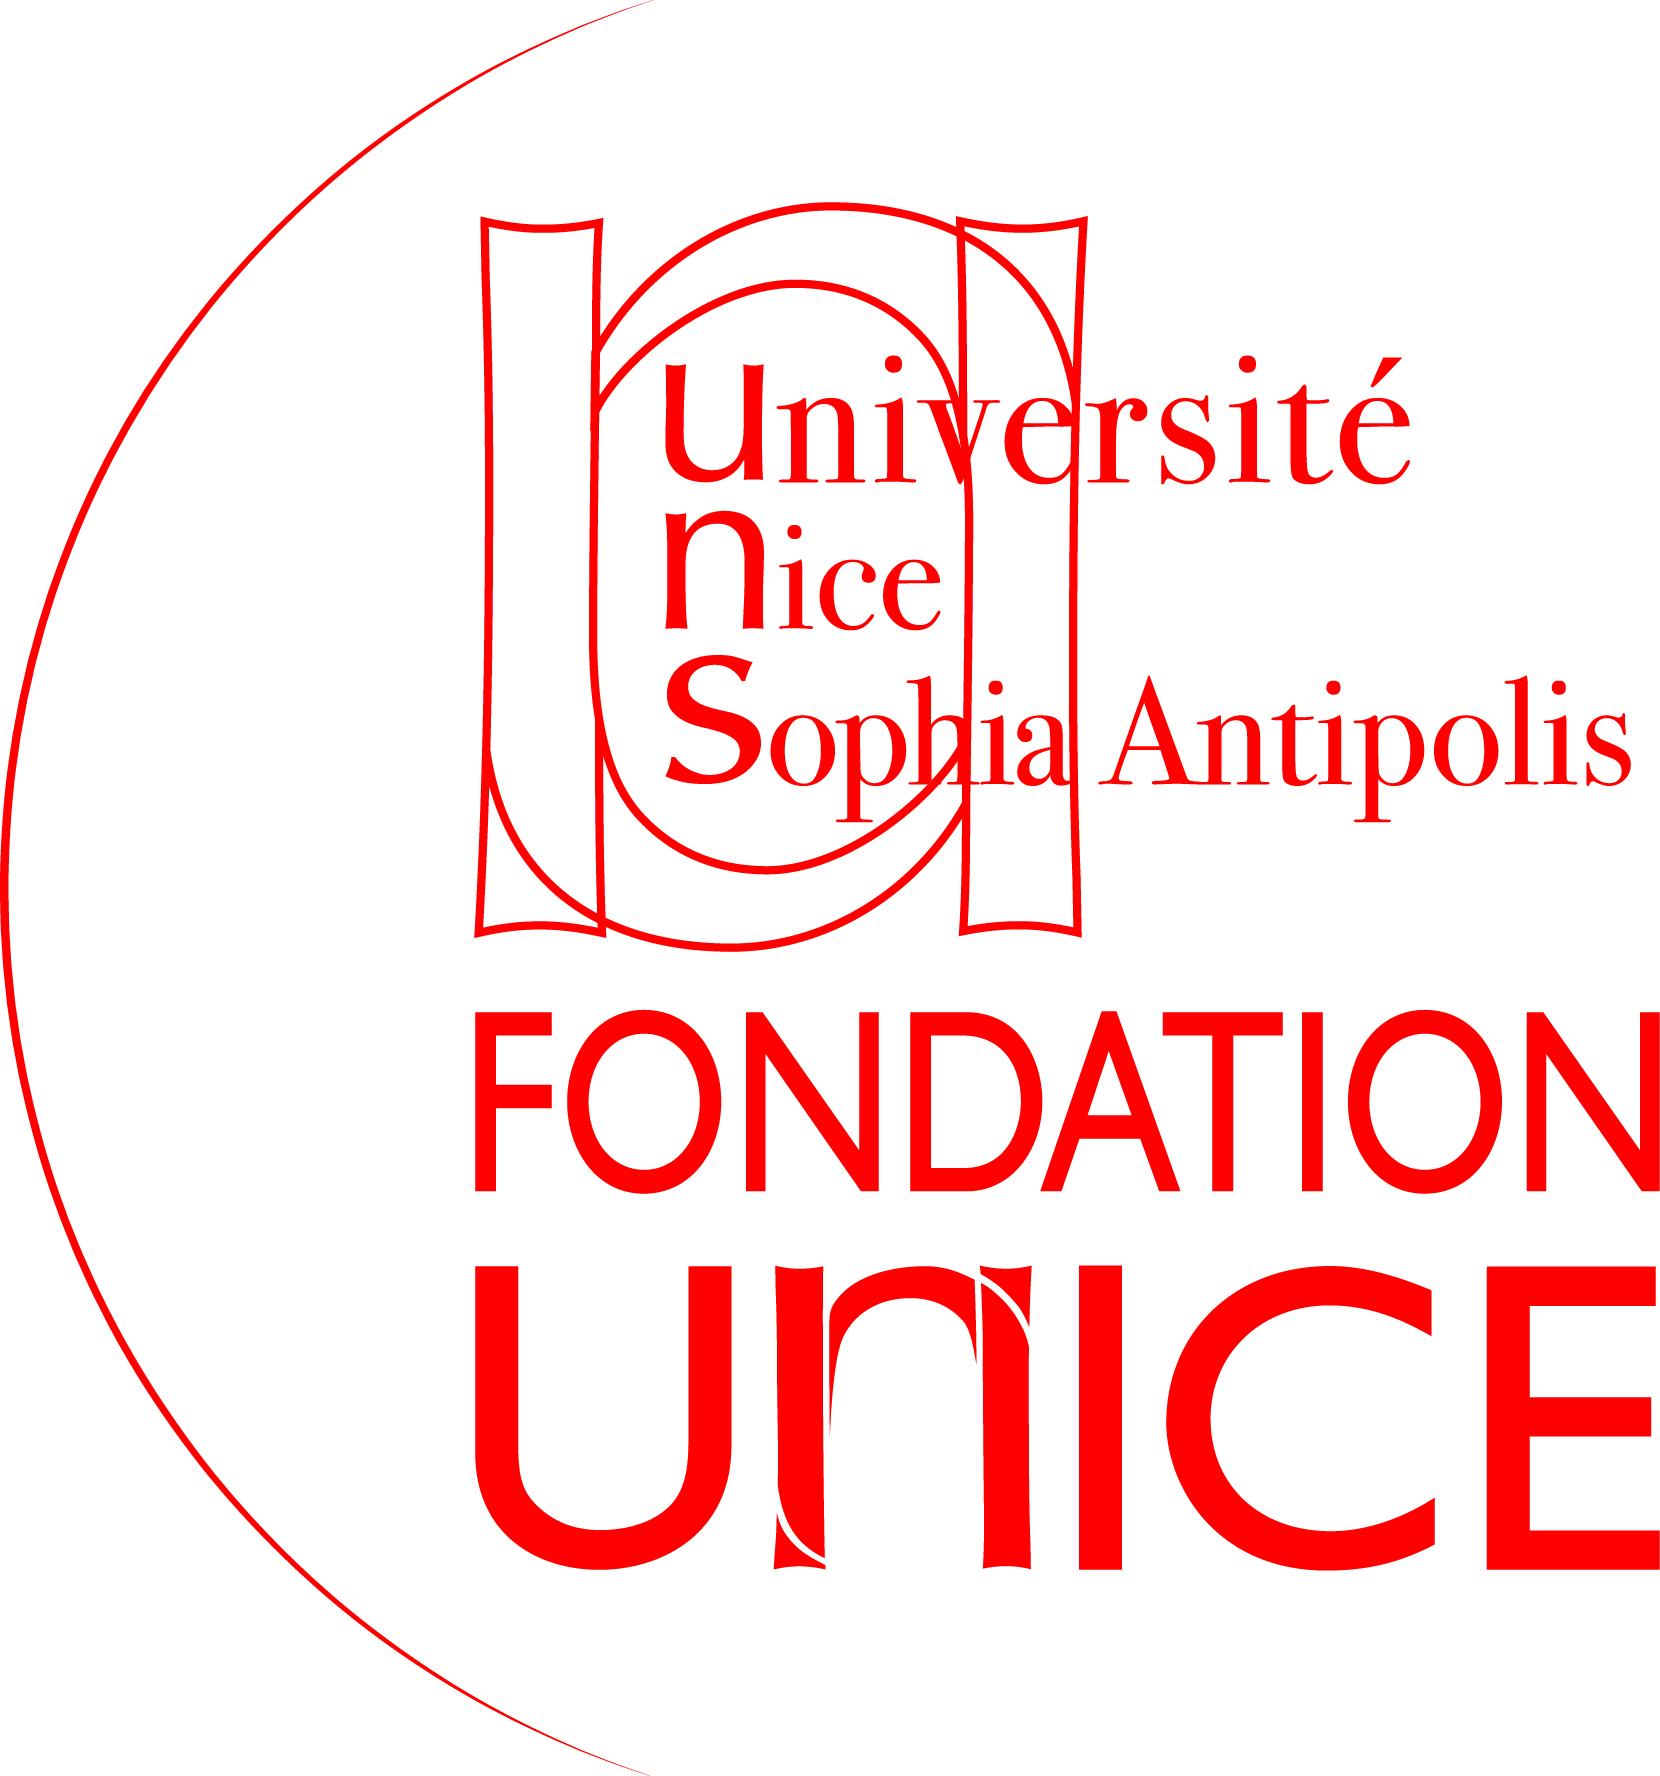 Logo Fondation - Fondation UNICE (ROUGE)